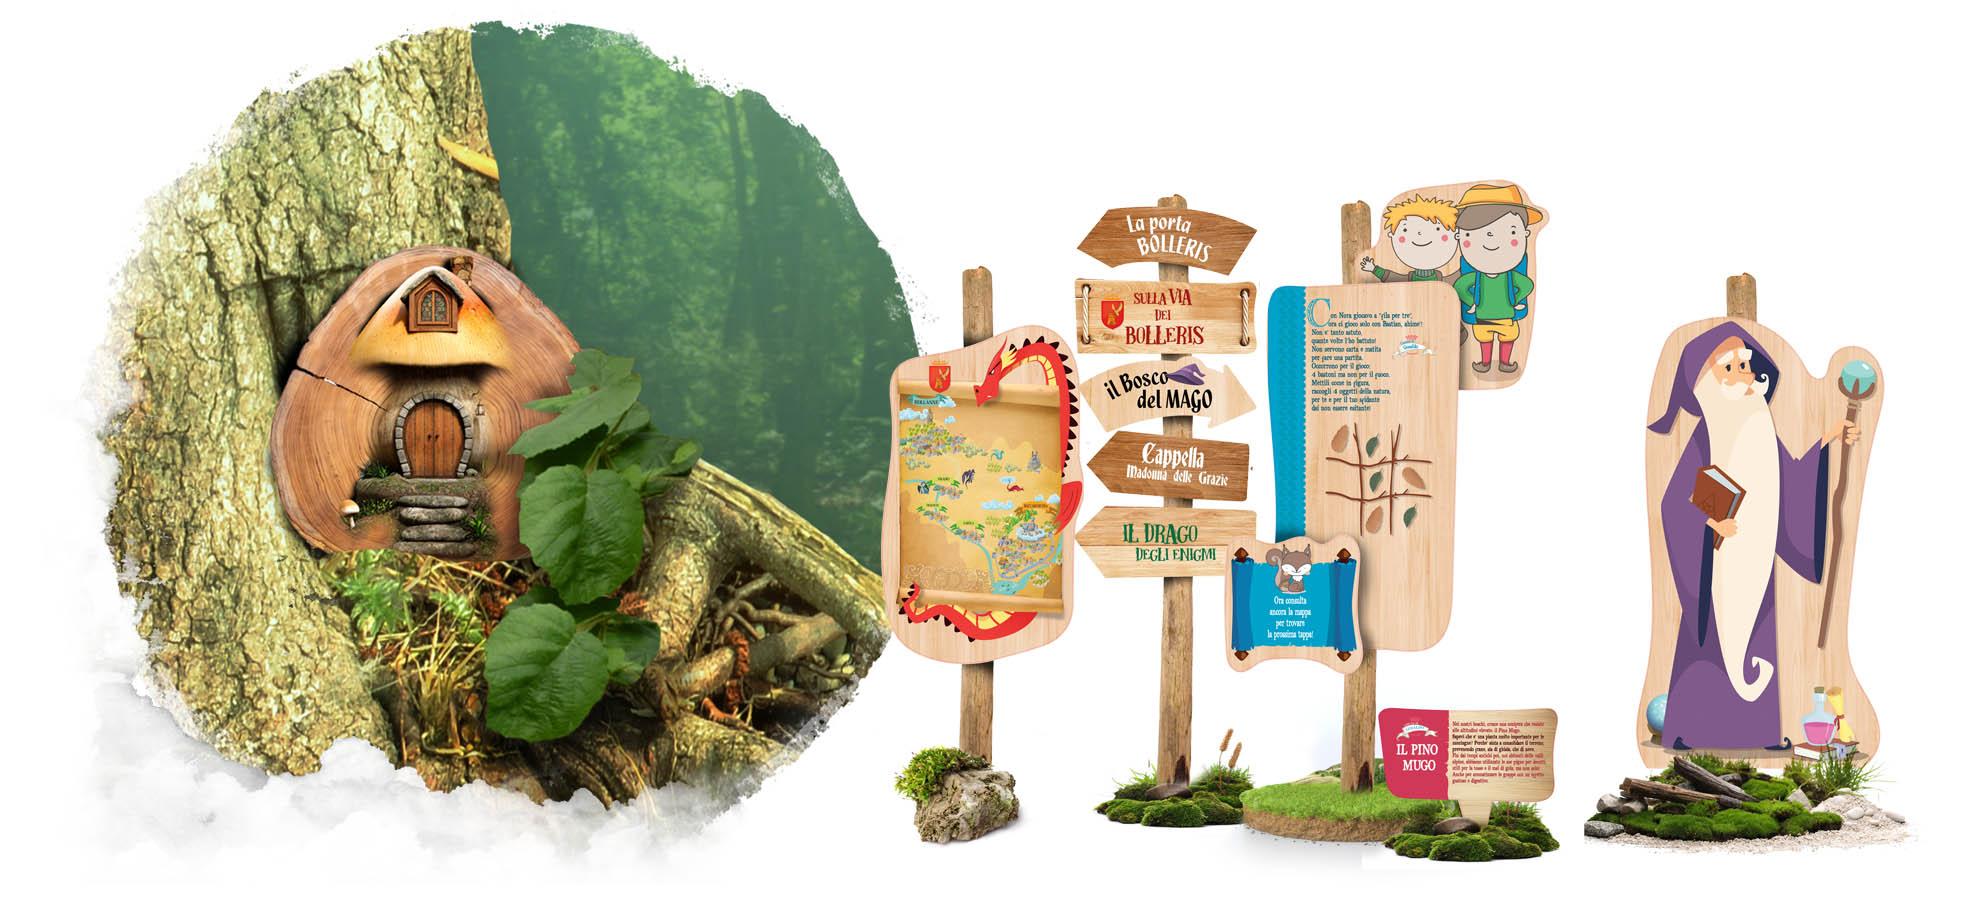 percorso tematico nel bosco, progettazione di parchi didattici e tematici